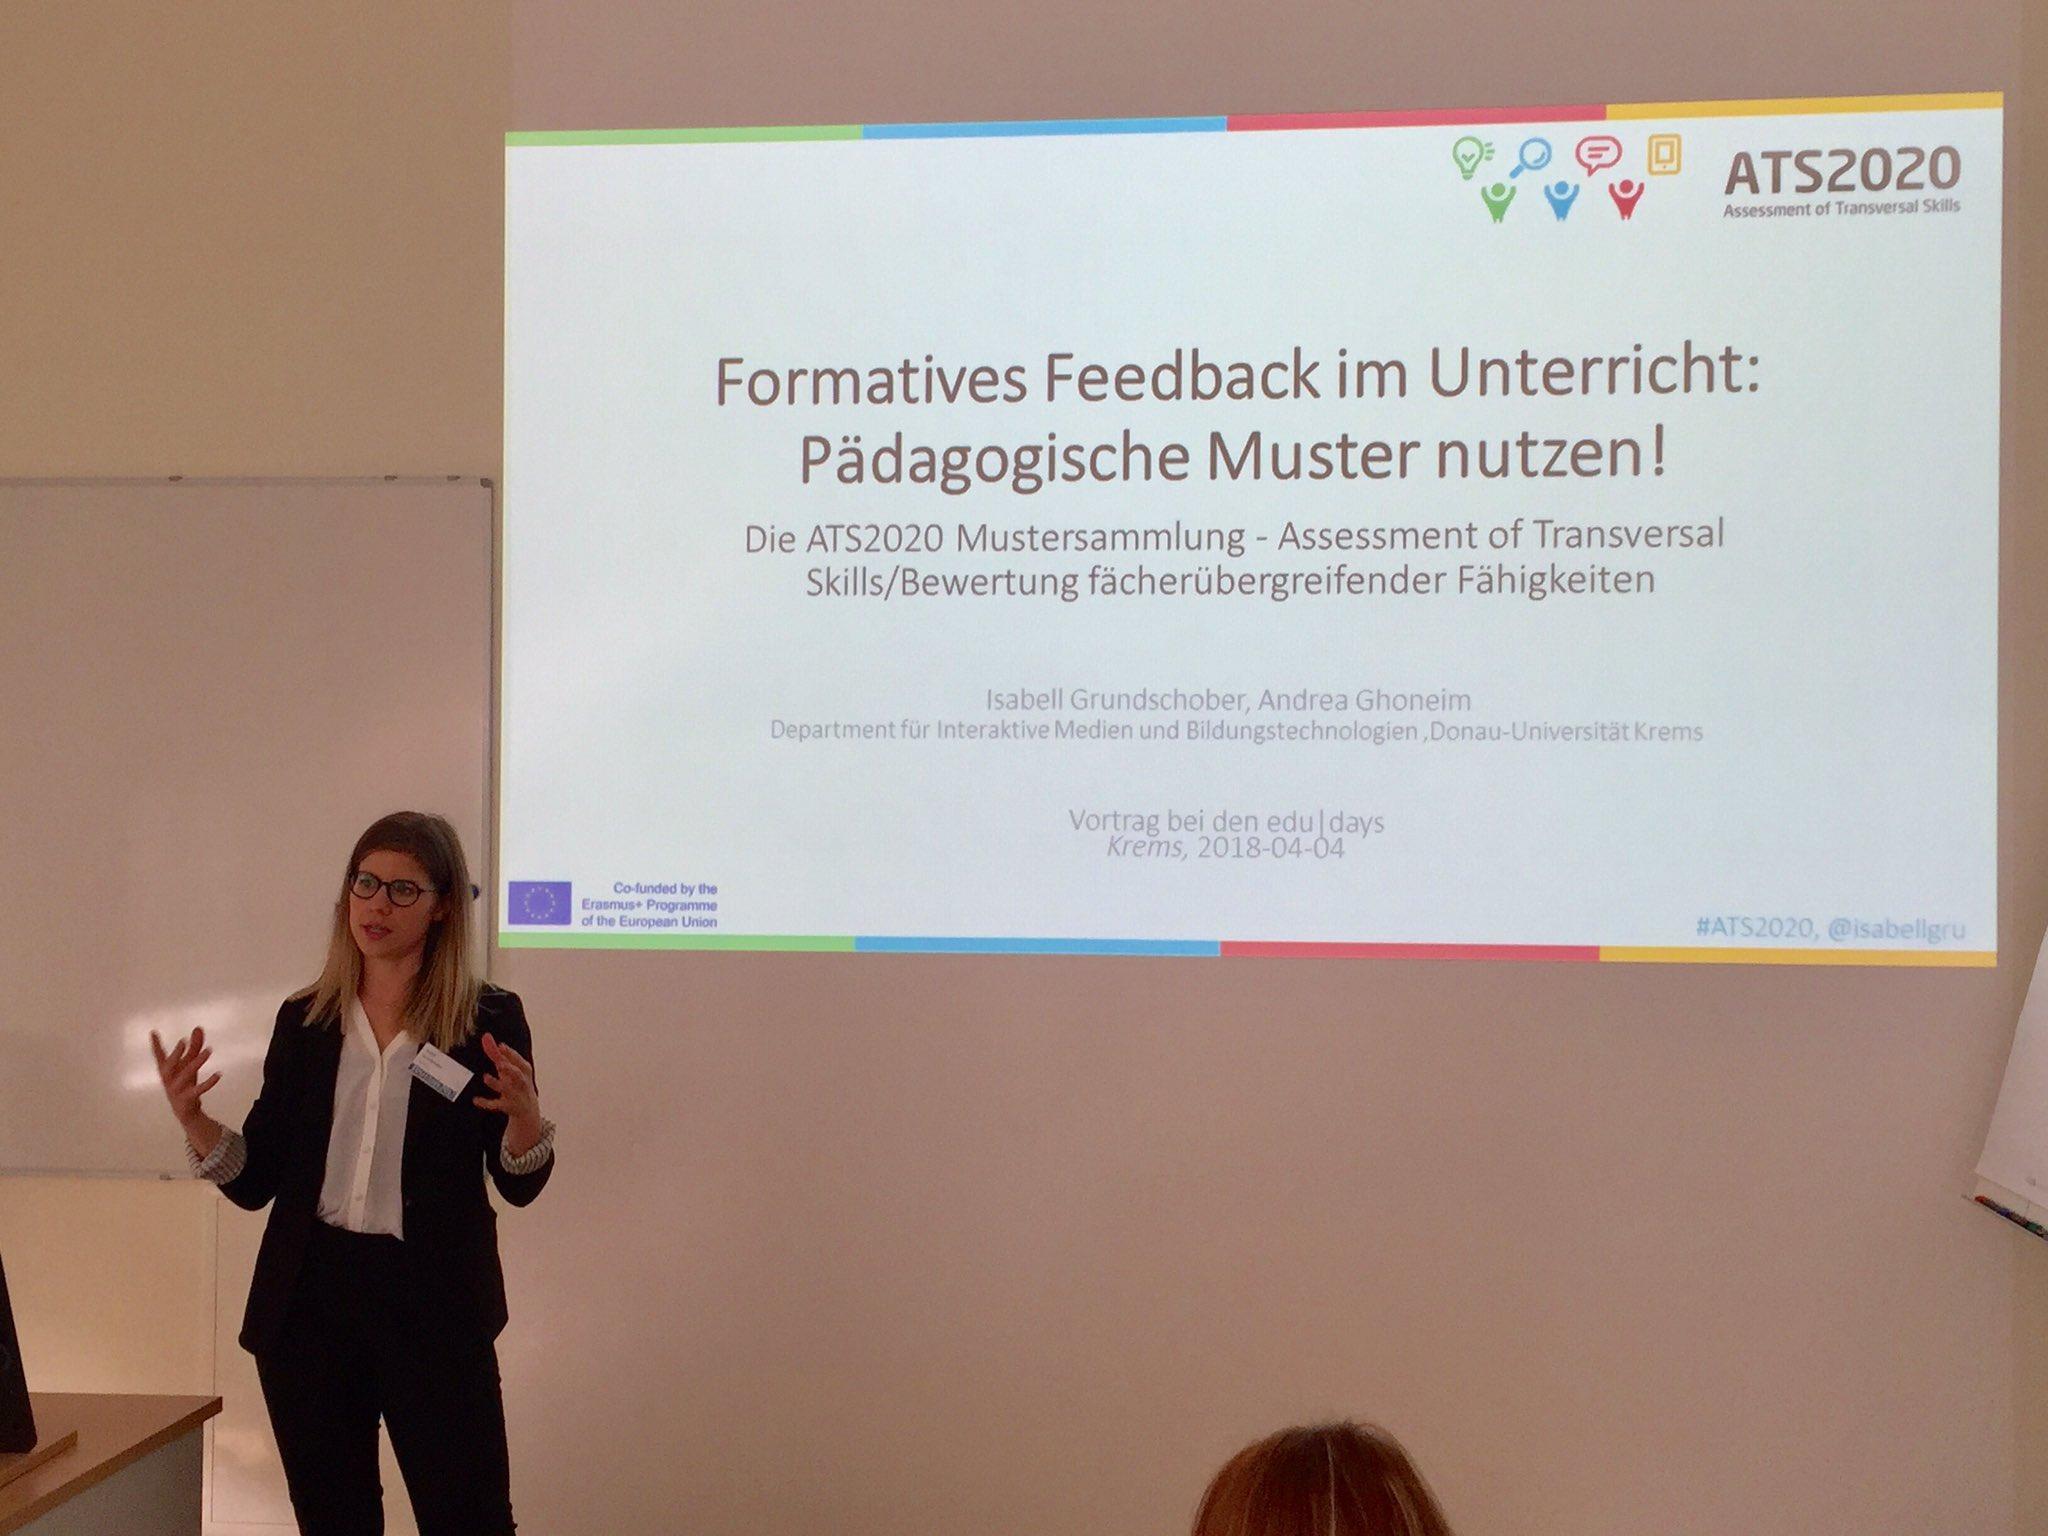 Isabell Grundschober hat die ATS2020 Mustersammlung für formatives Feedback am 4.4.2018 bei den Edudays präsentiert, hier gibt es mehr dazu: http://imbstudent.donau-uni.ac.at/isabellgru/index.php/2018/04/05/paedagogische-muster-fuer-formatives-feedback-mein-edudays-vortrag/